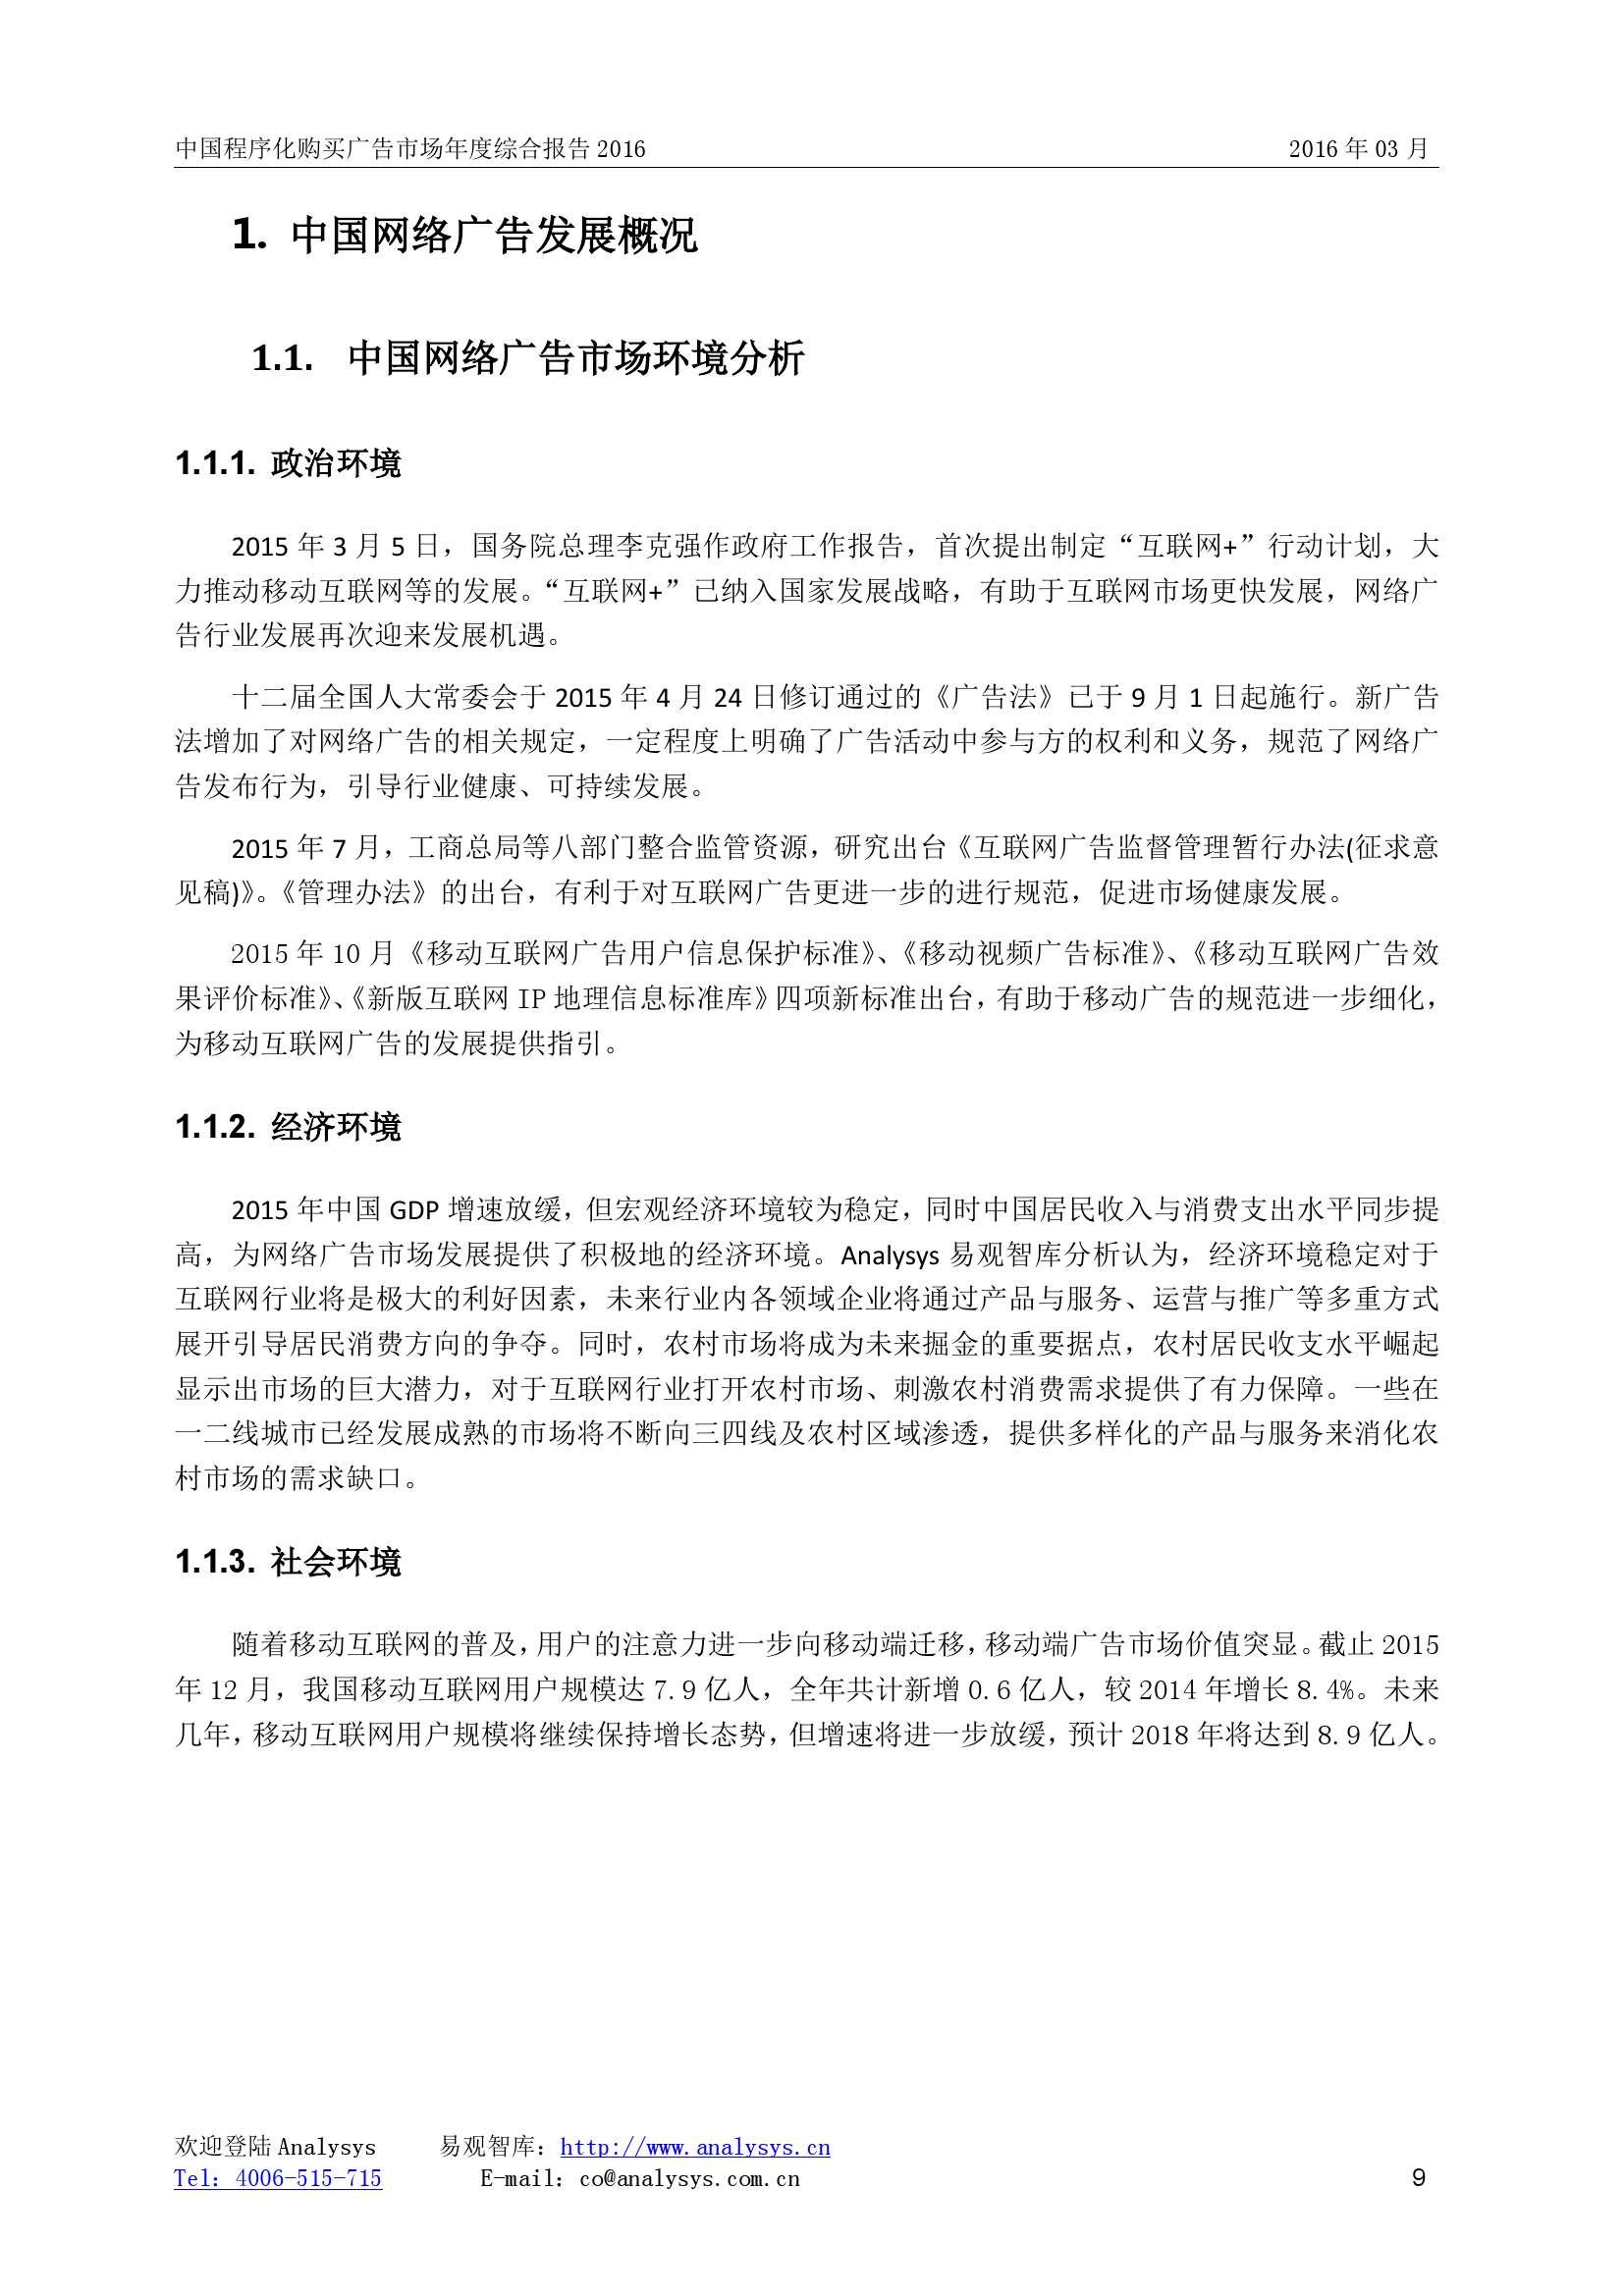 中国程序化购买广告市场年度综合报告2016_000009